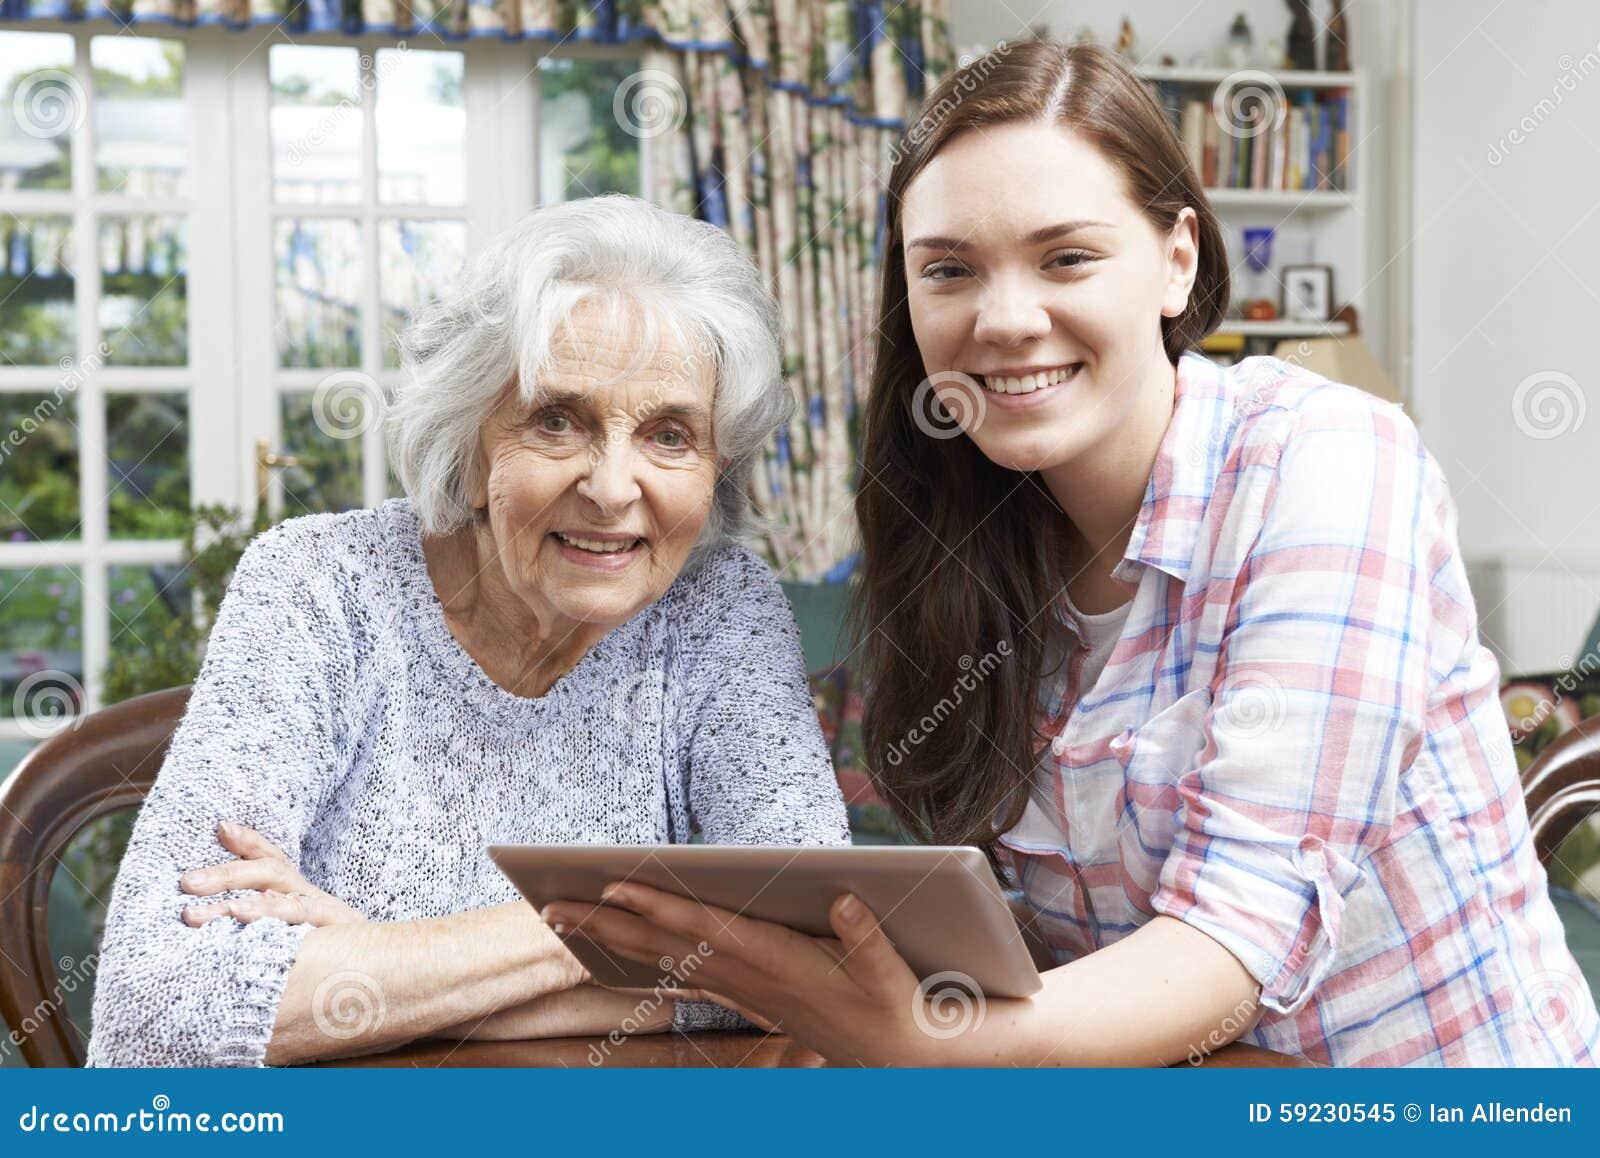 Подростковой бабушке внучки показывающ как использовать плату цифров